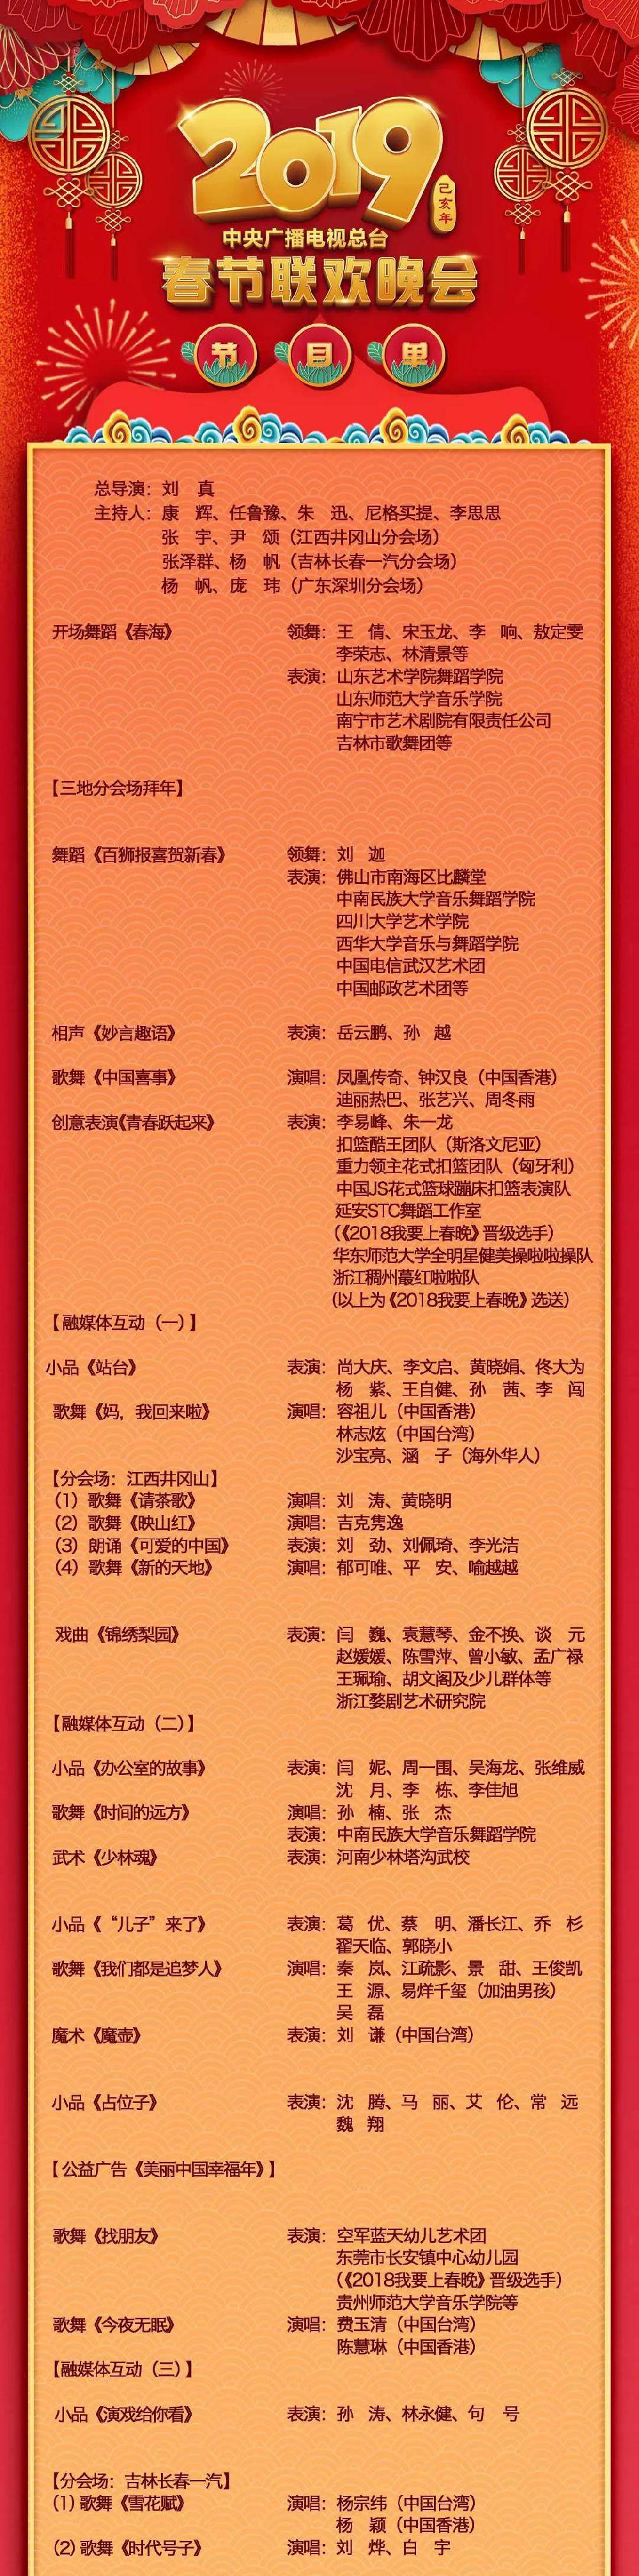 2019央视春晚节目单